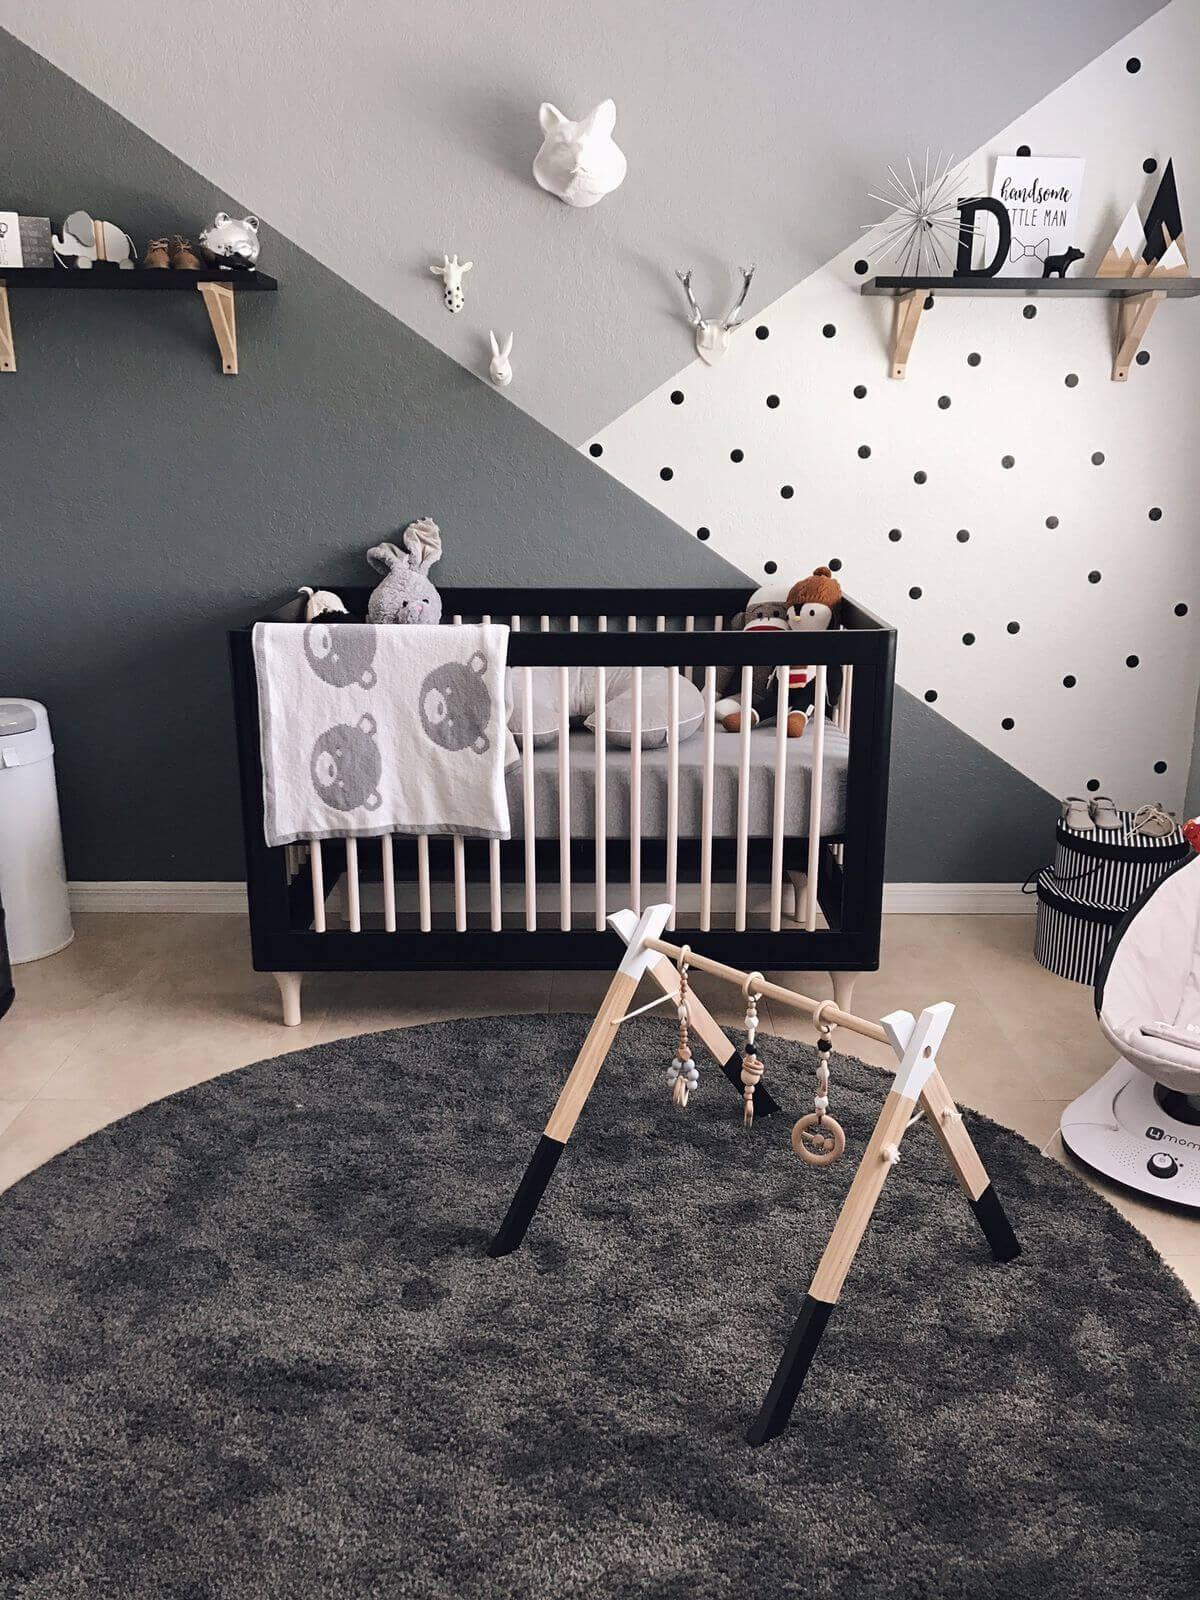 35 Adorable Kinderzimmer Design Und Dekor Ideen Fur Ihre Kleinen